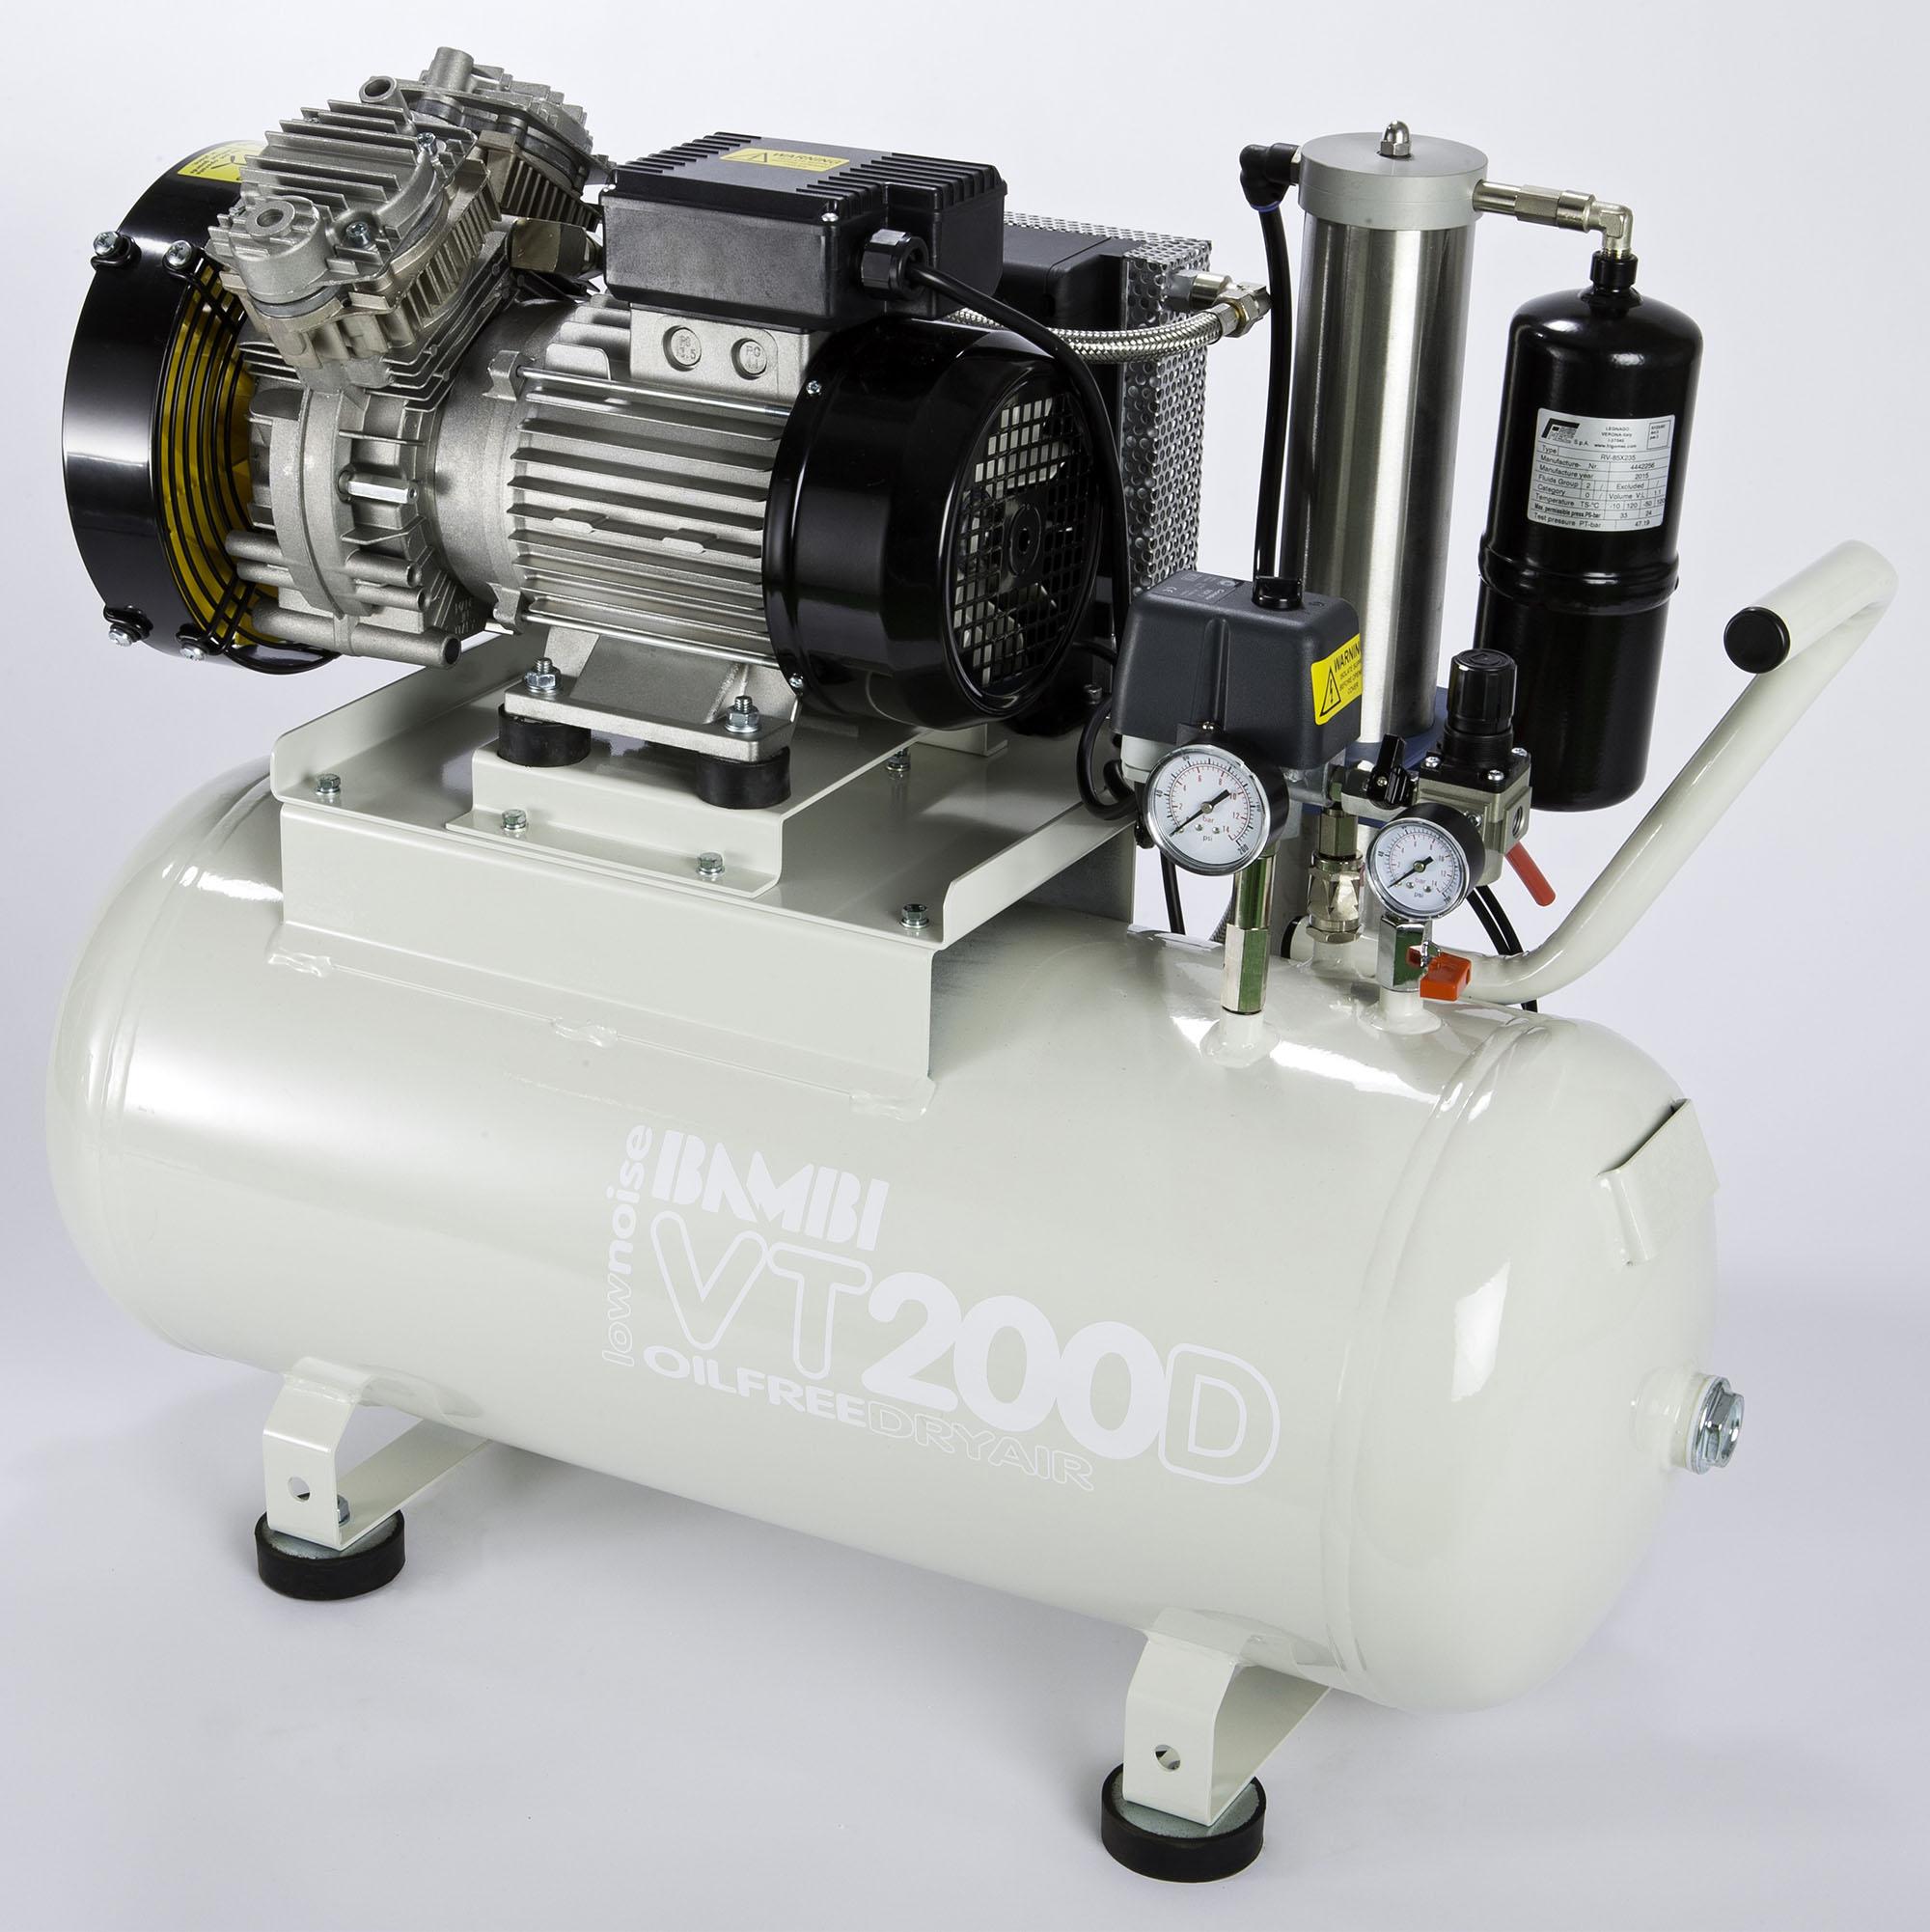 Midlands UK supplier of Bambi VTH200D air compressor